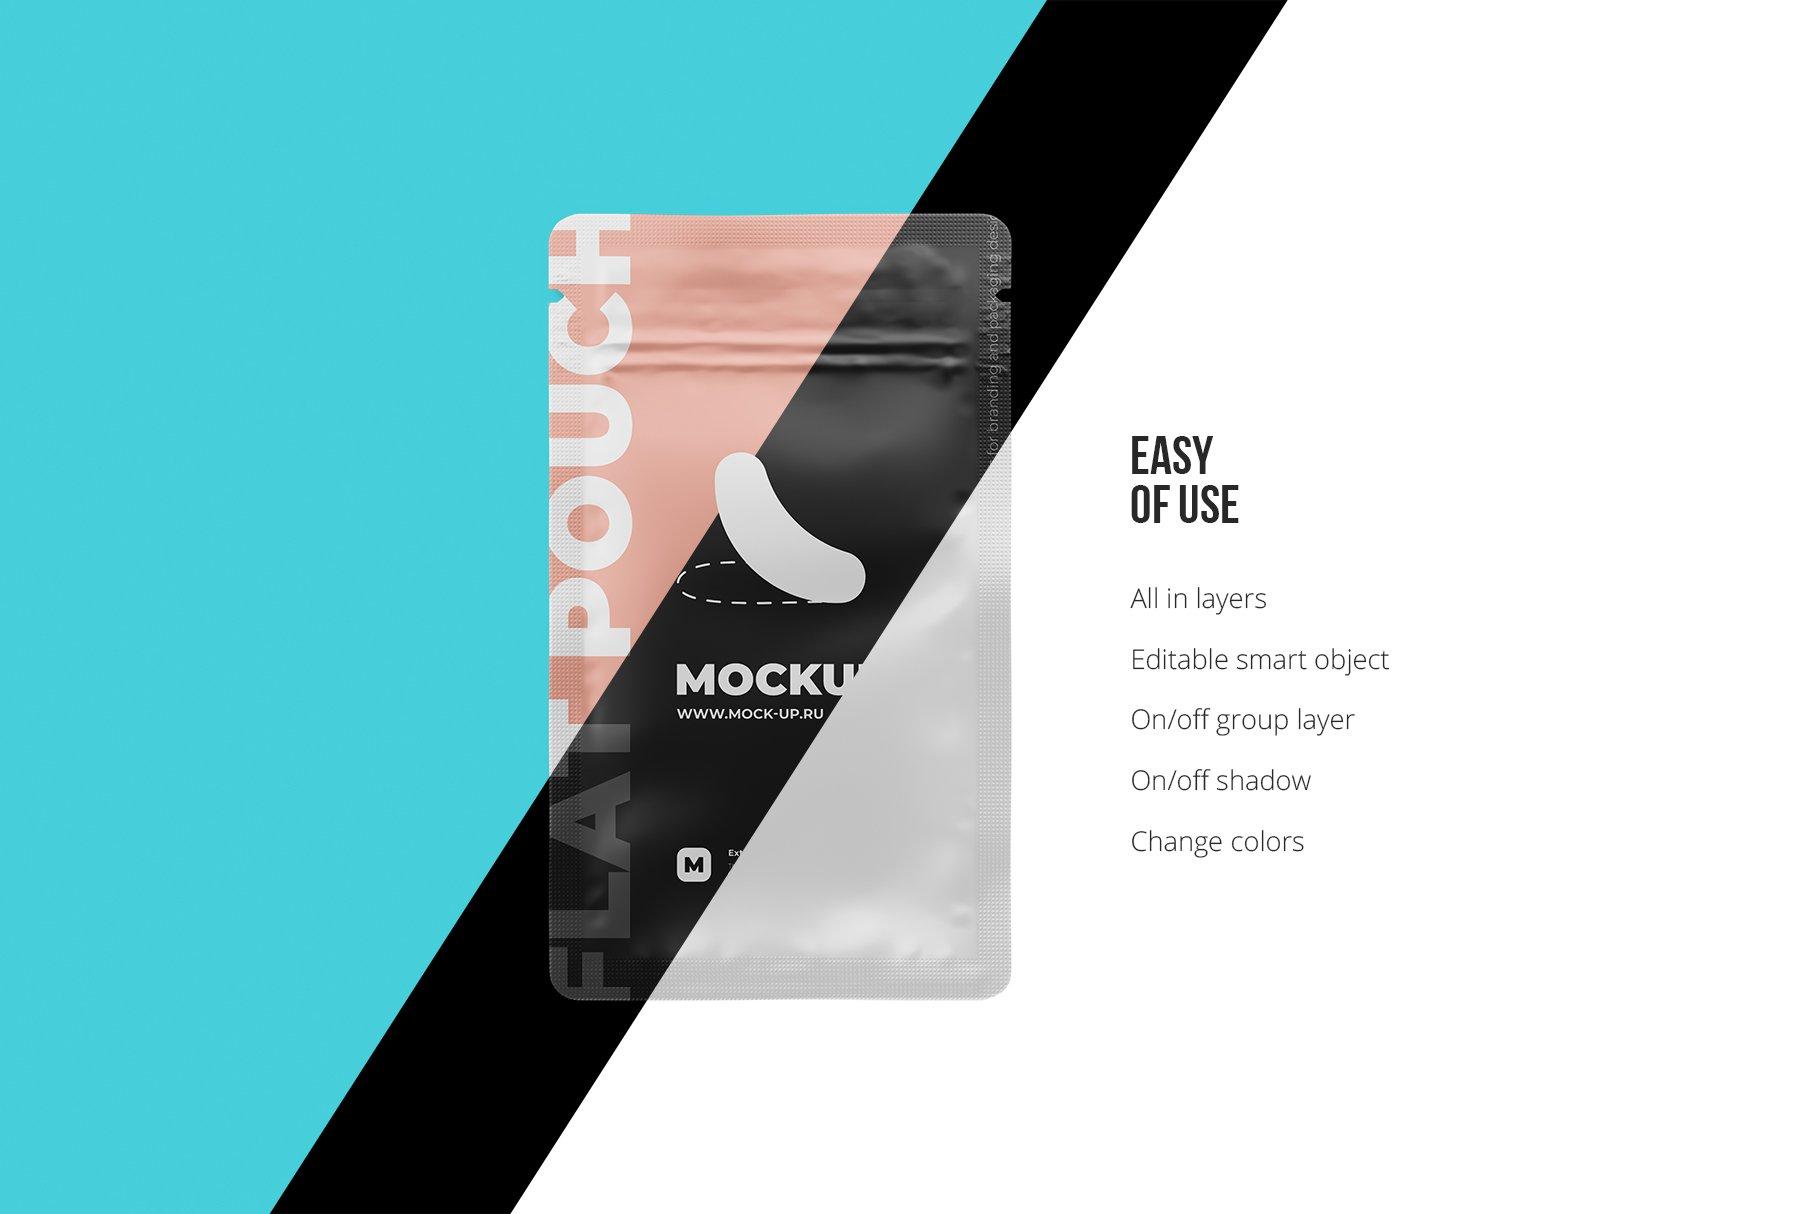 简洁香料自封塑料袋设计展示贴图样机 Zip Sachet Mockup. Flat Empty Pouch插图2